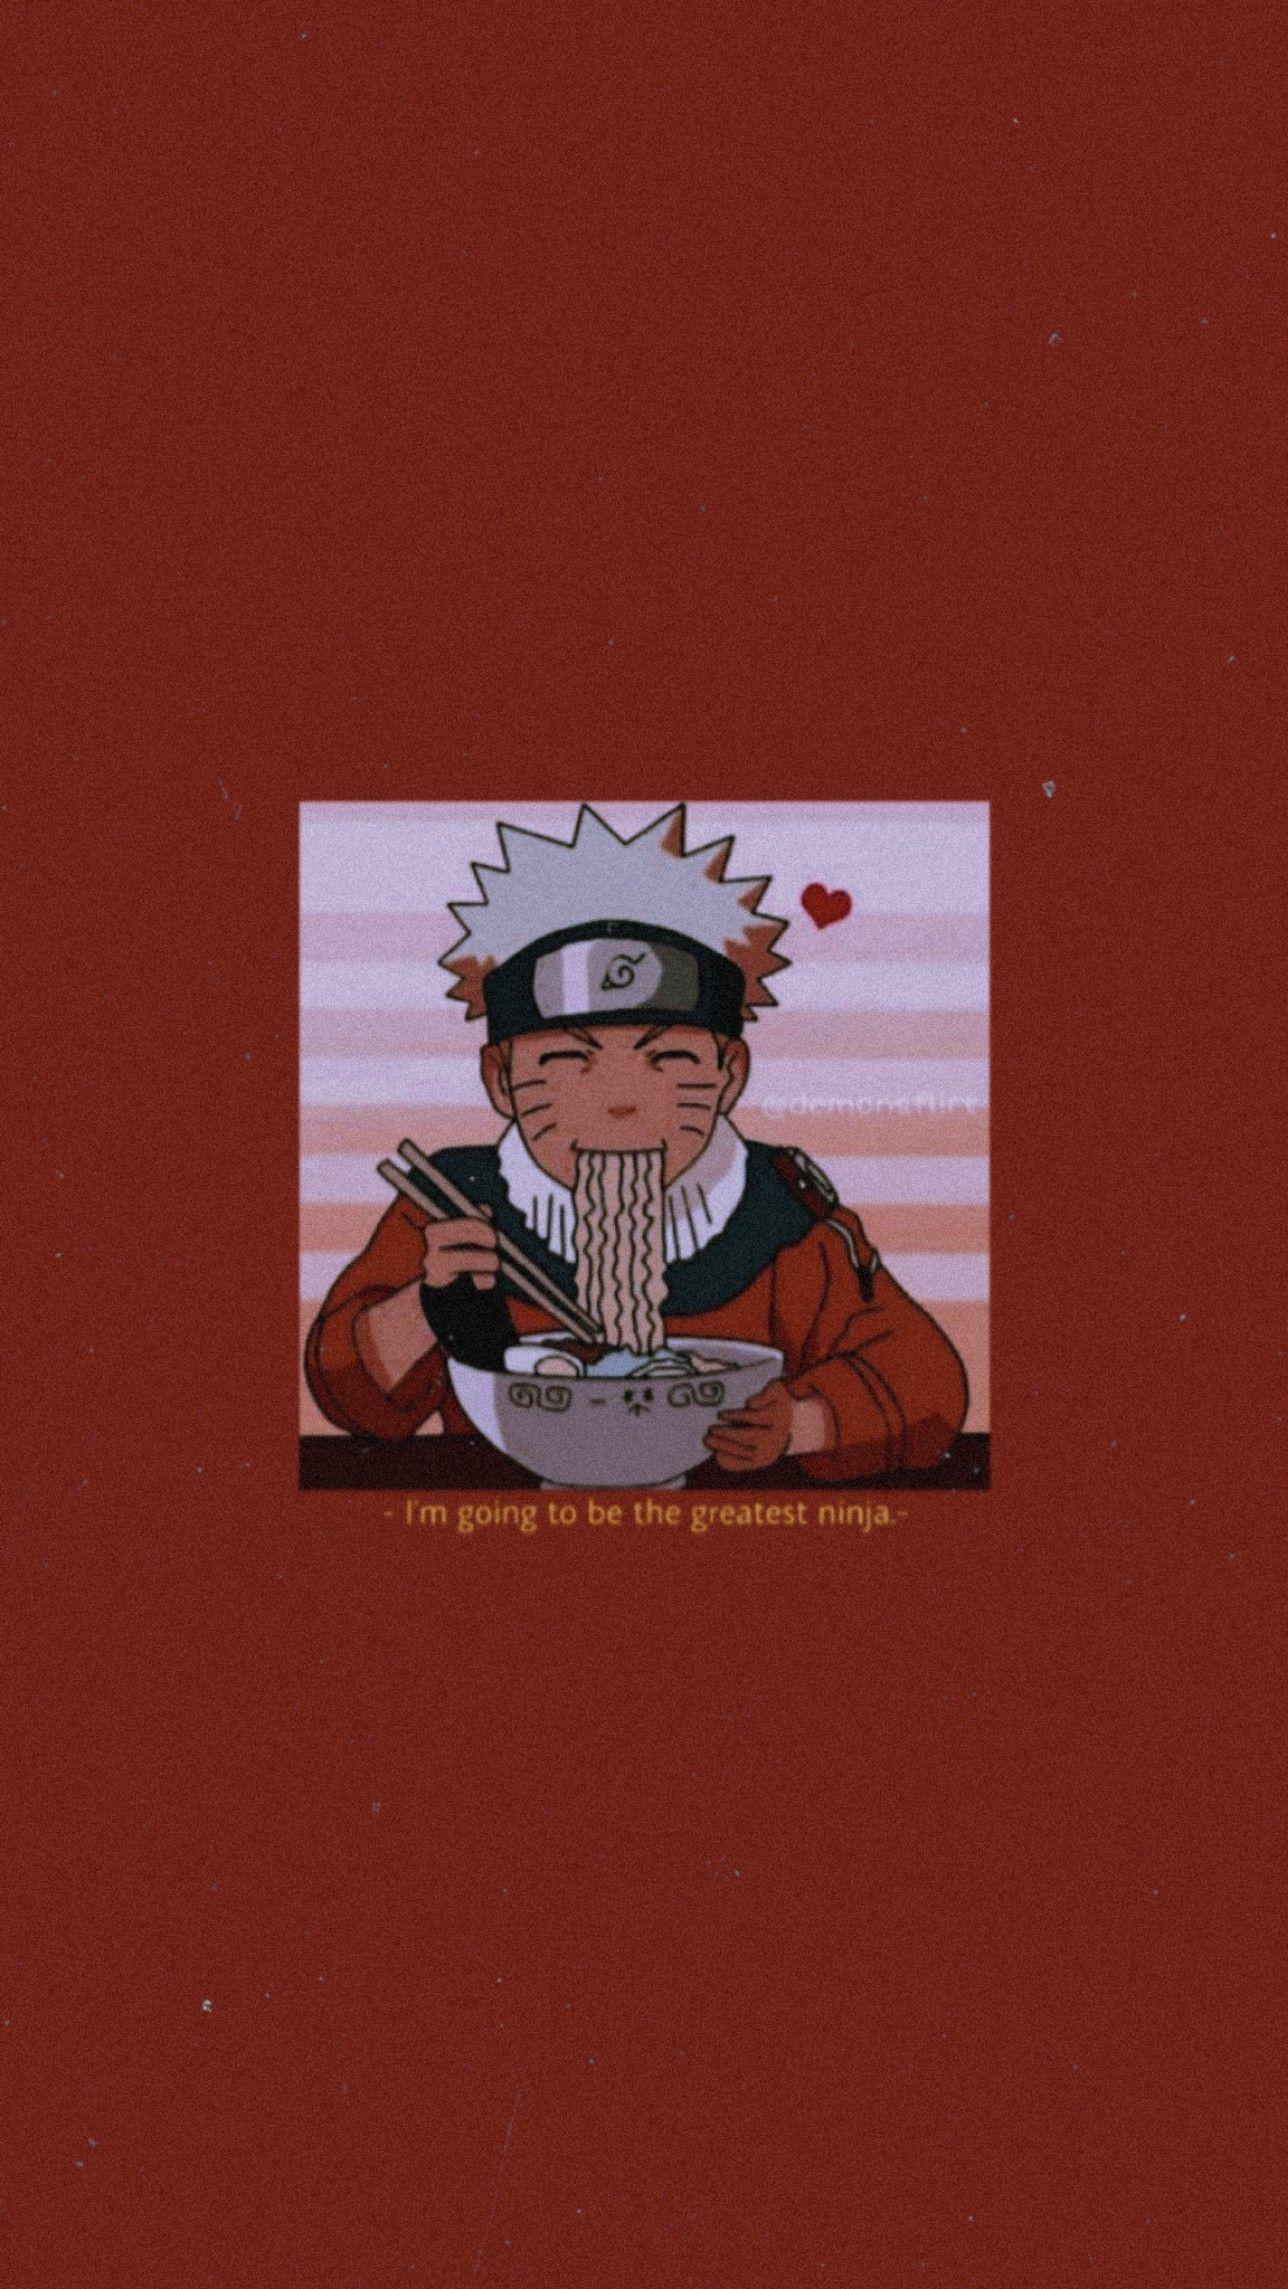 Wallpaper Naruto Uzumaki Naruto Wallpaper Iphone Anime Wallpaper Naruto Wallpaper